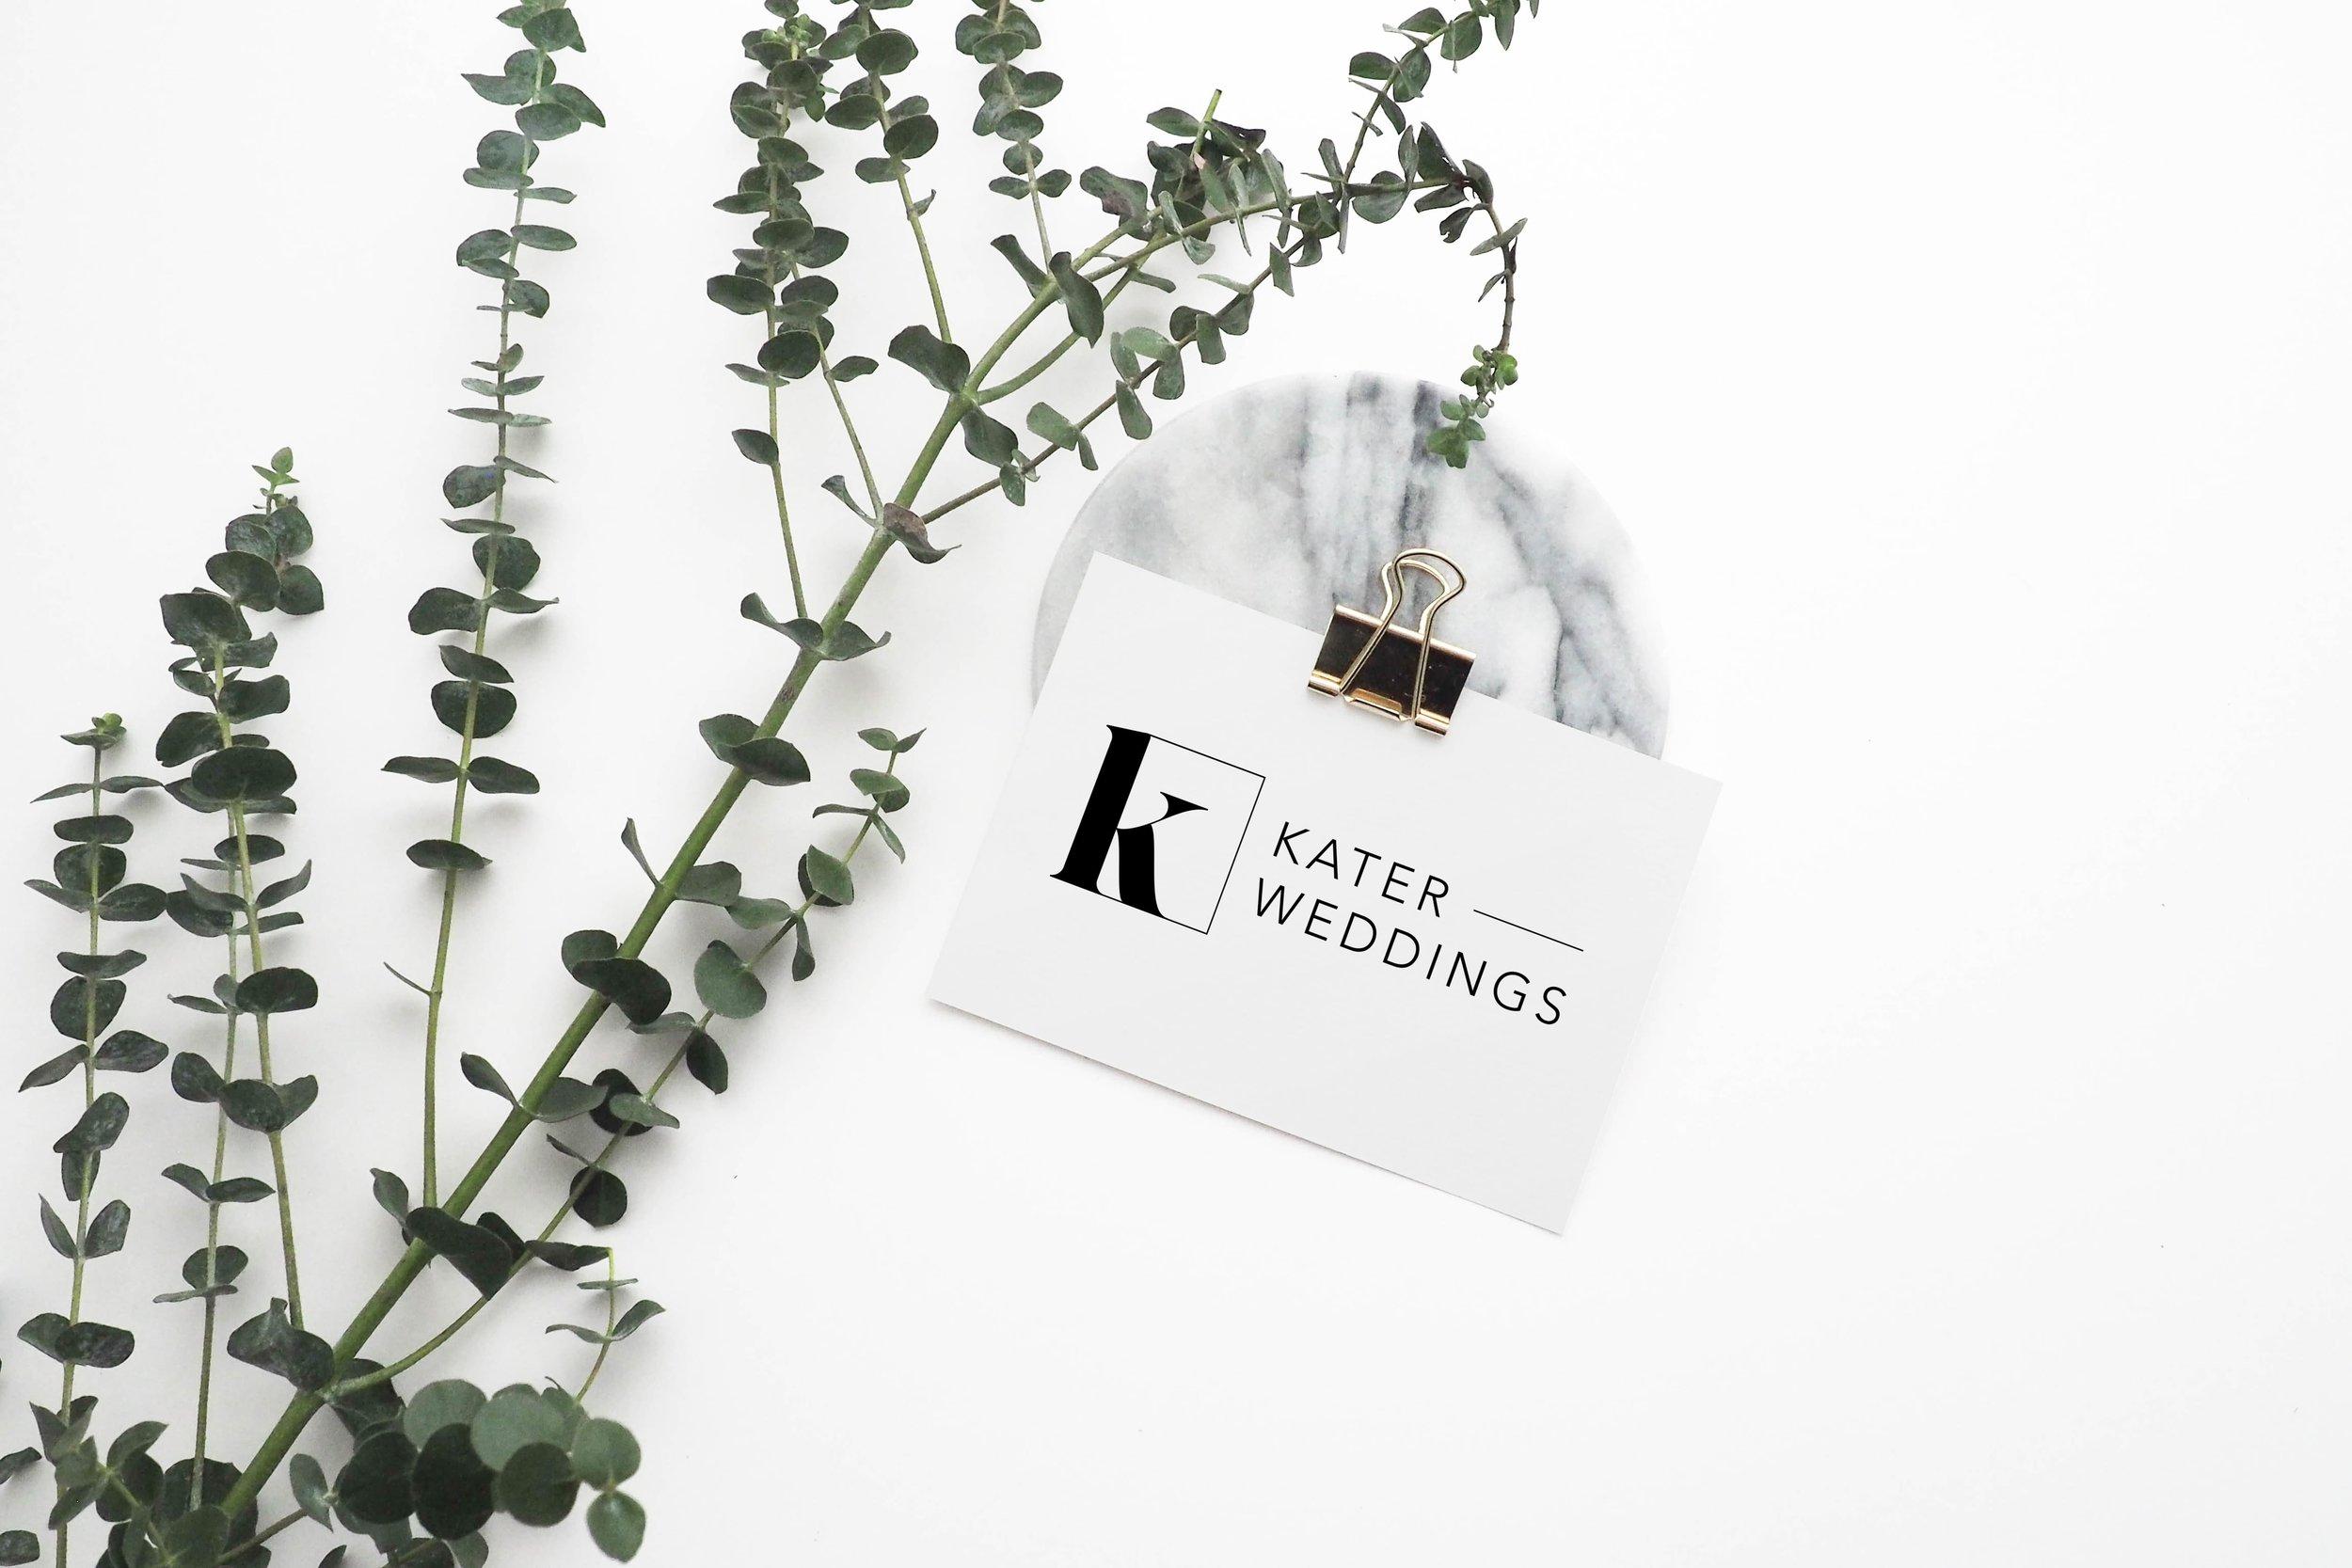 Kater Wedding logo - Full